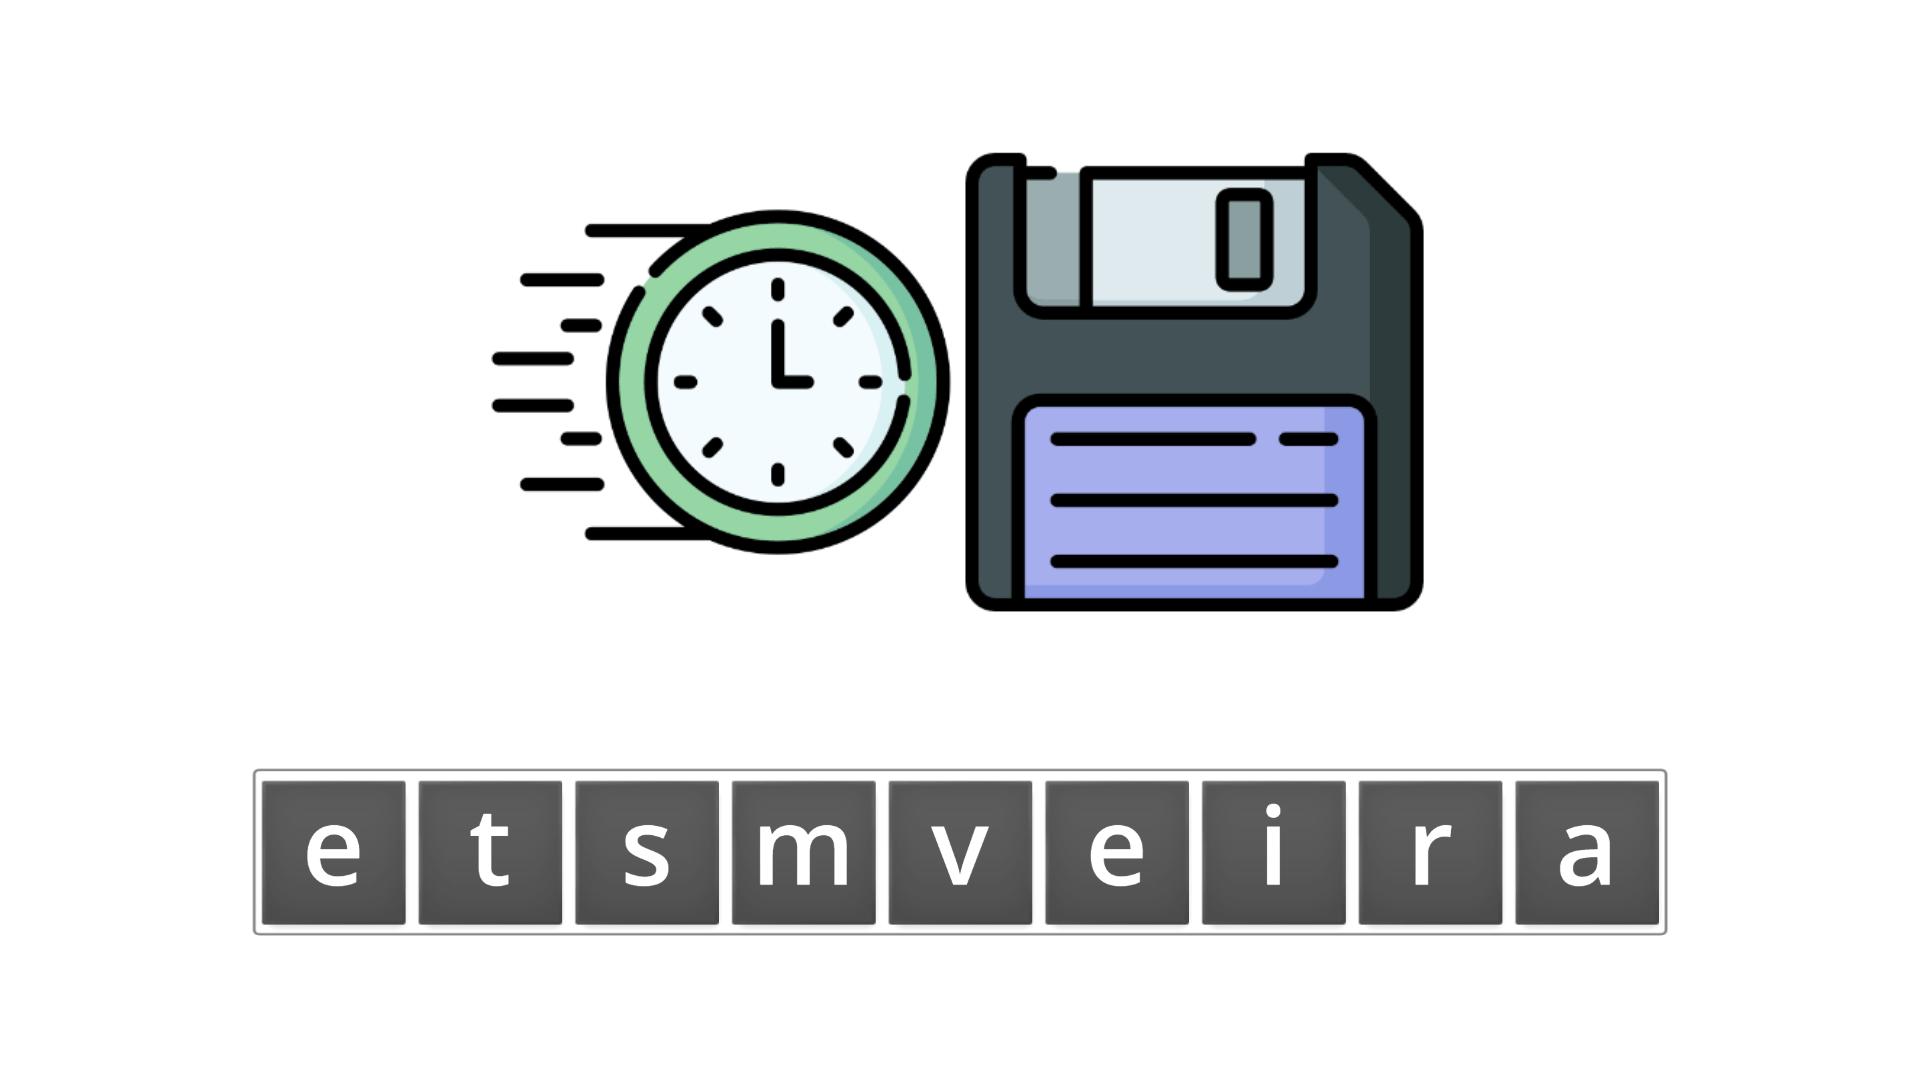 esl resources - flashcards - compound nouns  - unscramble - timesaver